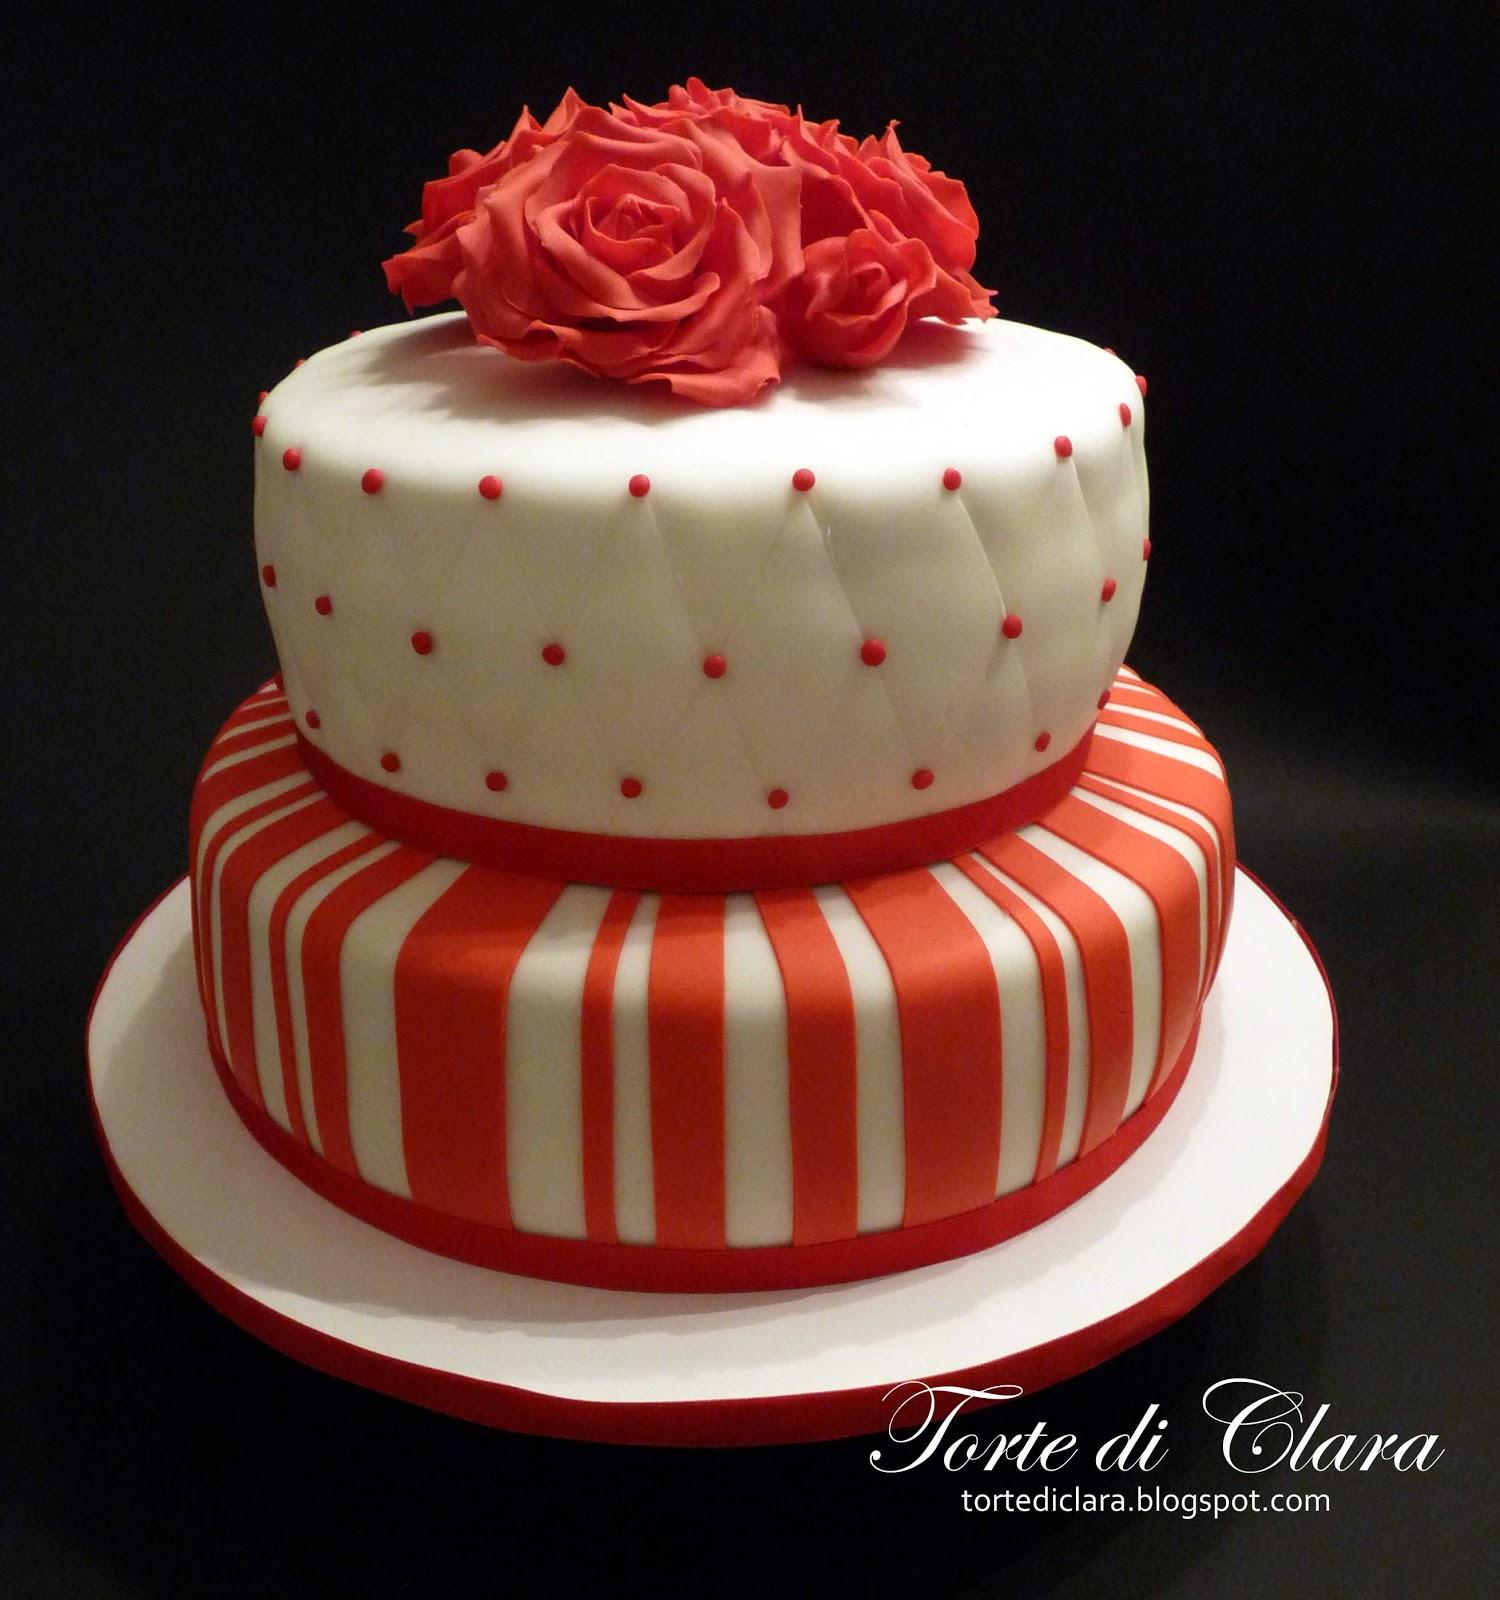 Torta Cake Design Dentista : Torte di Clara: Rose Cake (10)